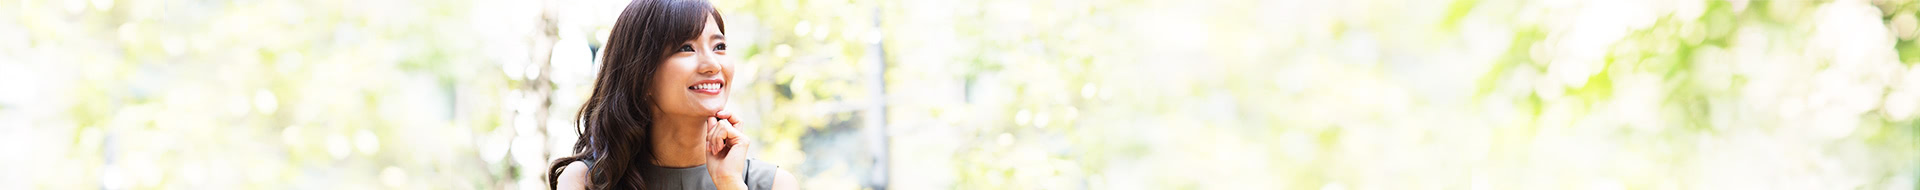 » 11/10 (土) 午前 高年収女子のための賢いお金の殖やし方のメインビジュアル